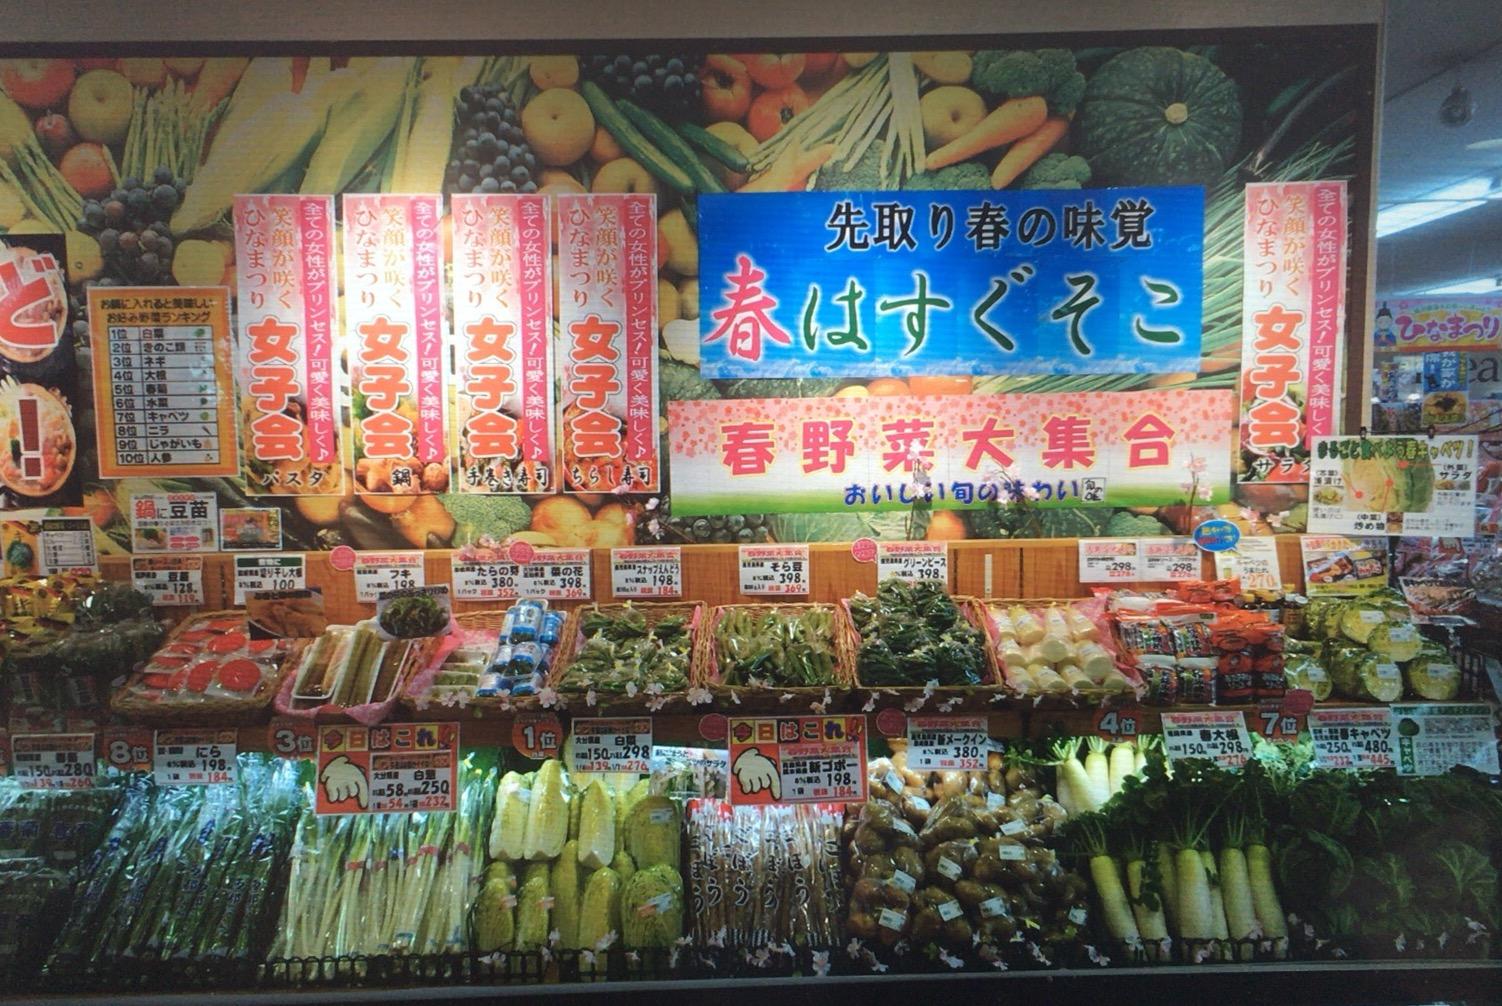 春野菜を大集合させて、ひな祭り女子会のメニュー提案